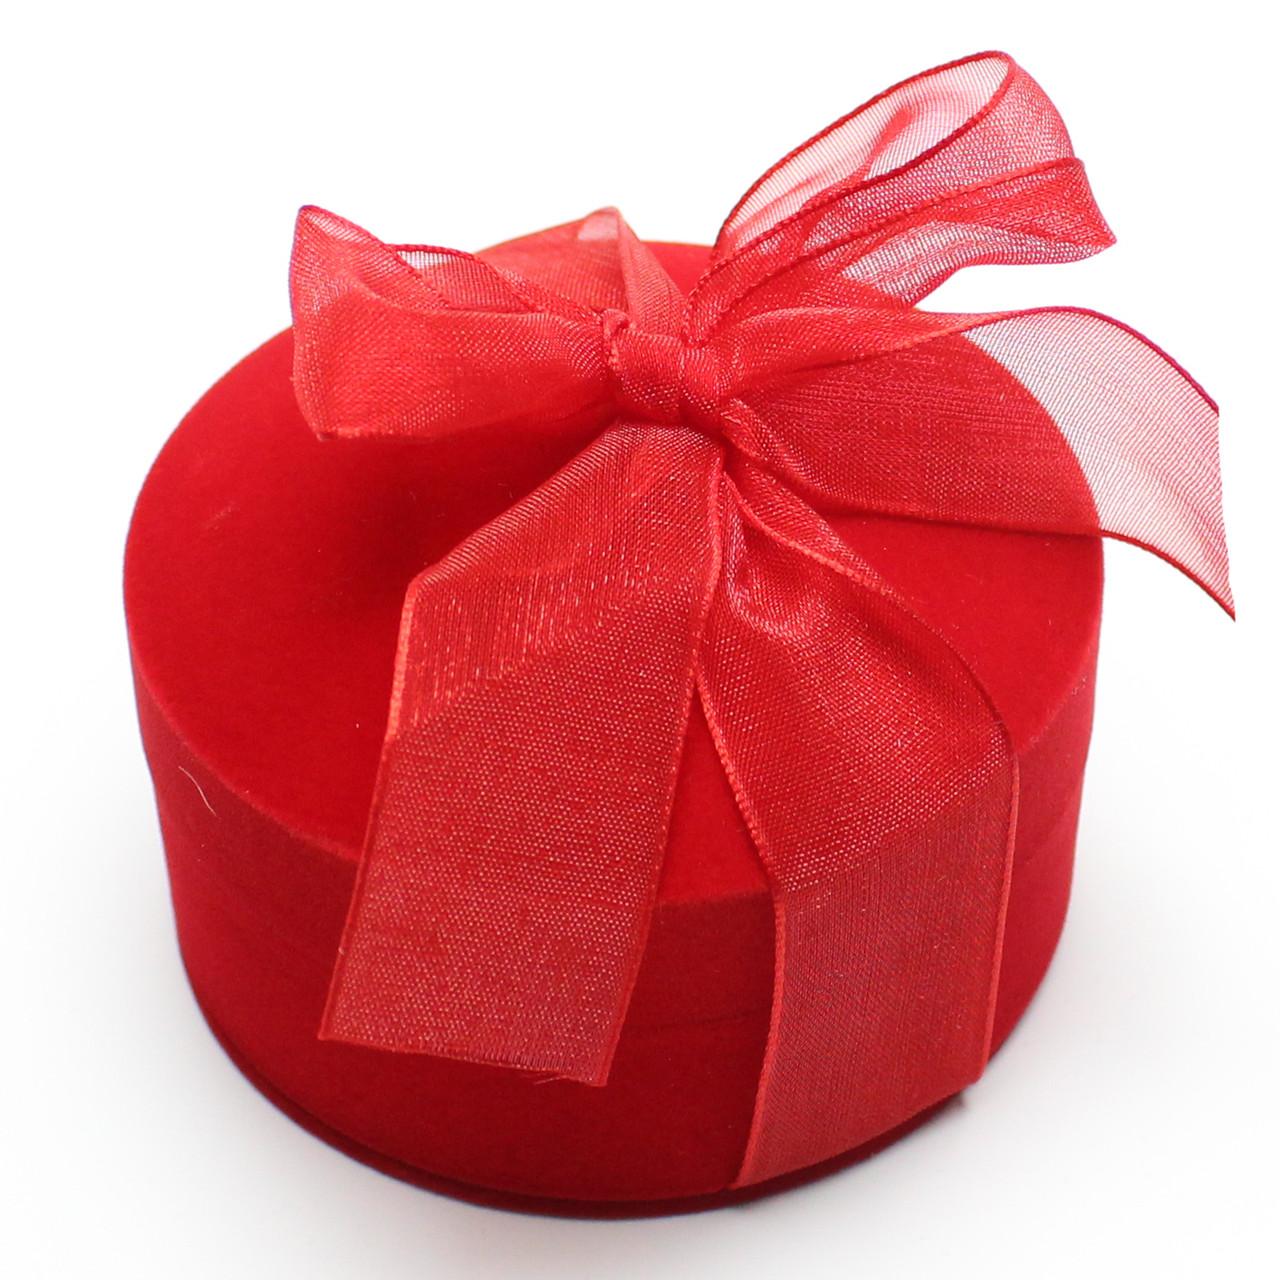 Футляр для кольца,серьги,обручальные кольца Круг с бантом красный